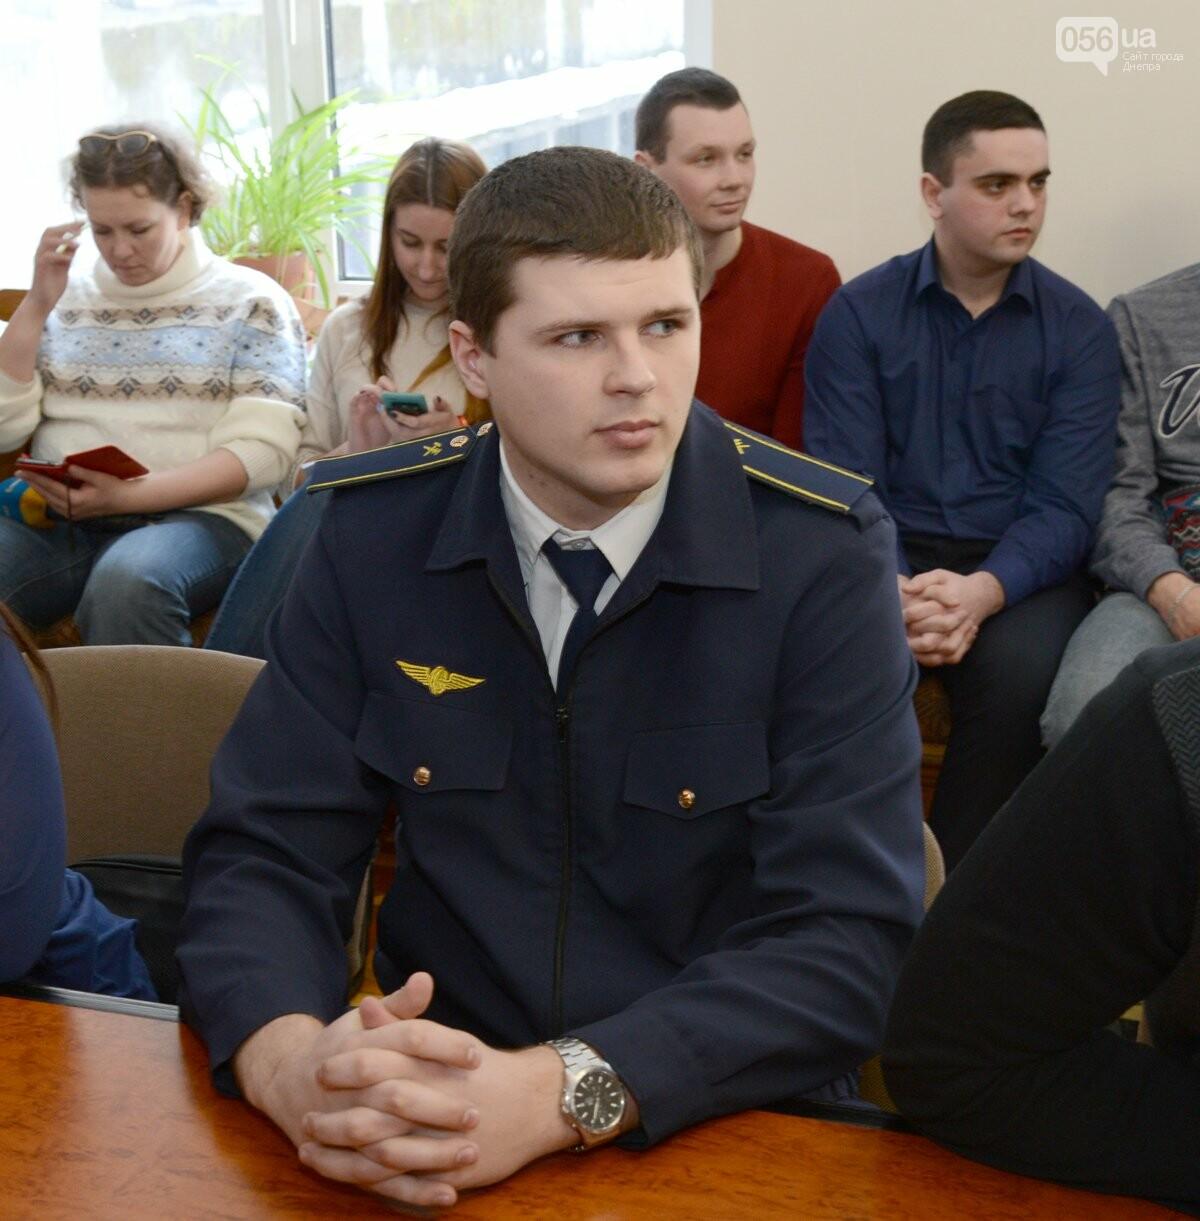 Борис Колесников и студенты из Днипра провели встречу в рамках конкурса «Железнодорожник», фото-2